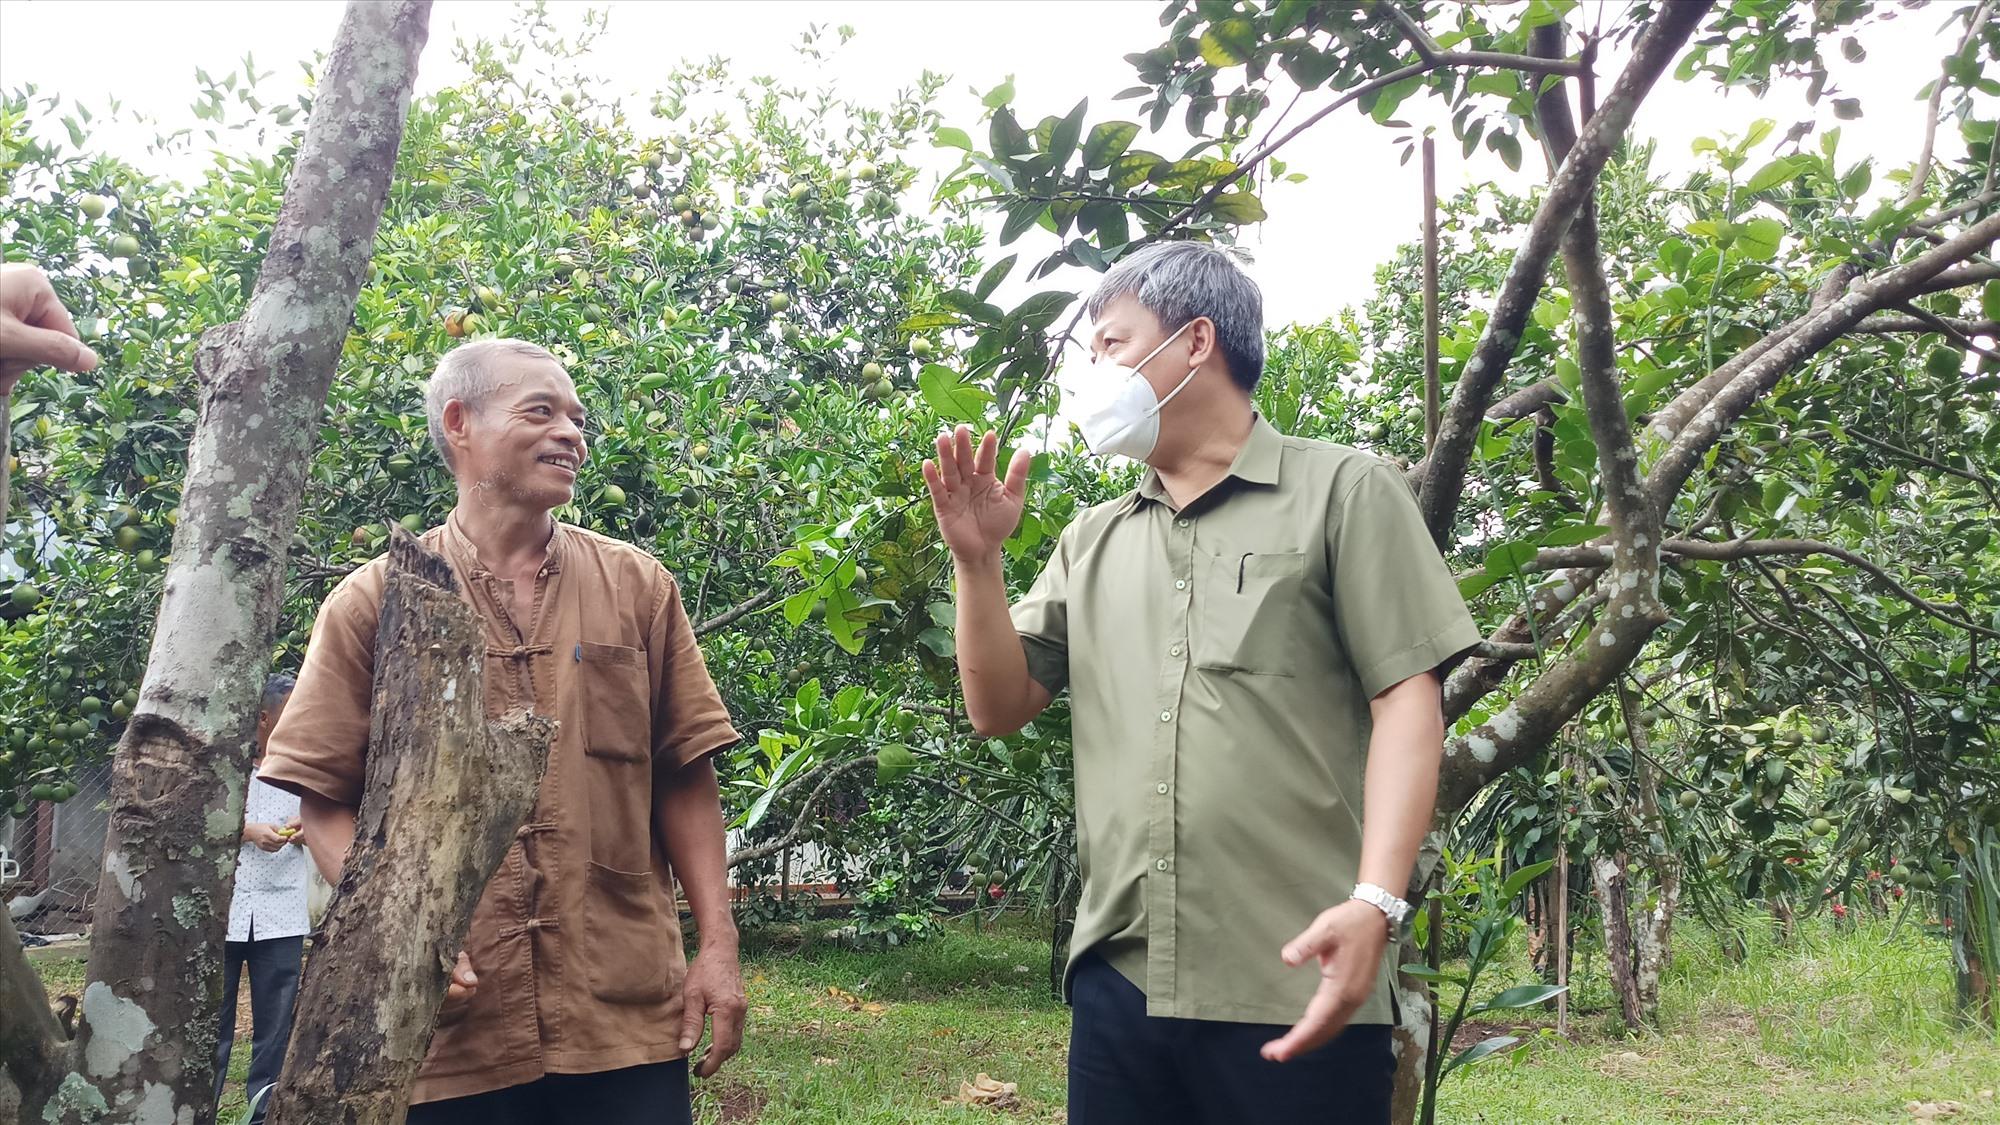 Phó Chủ tịch UBND tỉnh Hồ Quang Bửu chia sẻ câu chuyện phát triển mô hình kinh tế mới và động viên một chủ hộ ở Đông Giang cần trồng thử nghiệm măng cụt. Ảnh: A.N